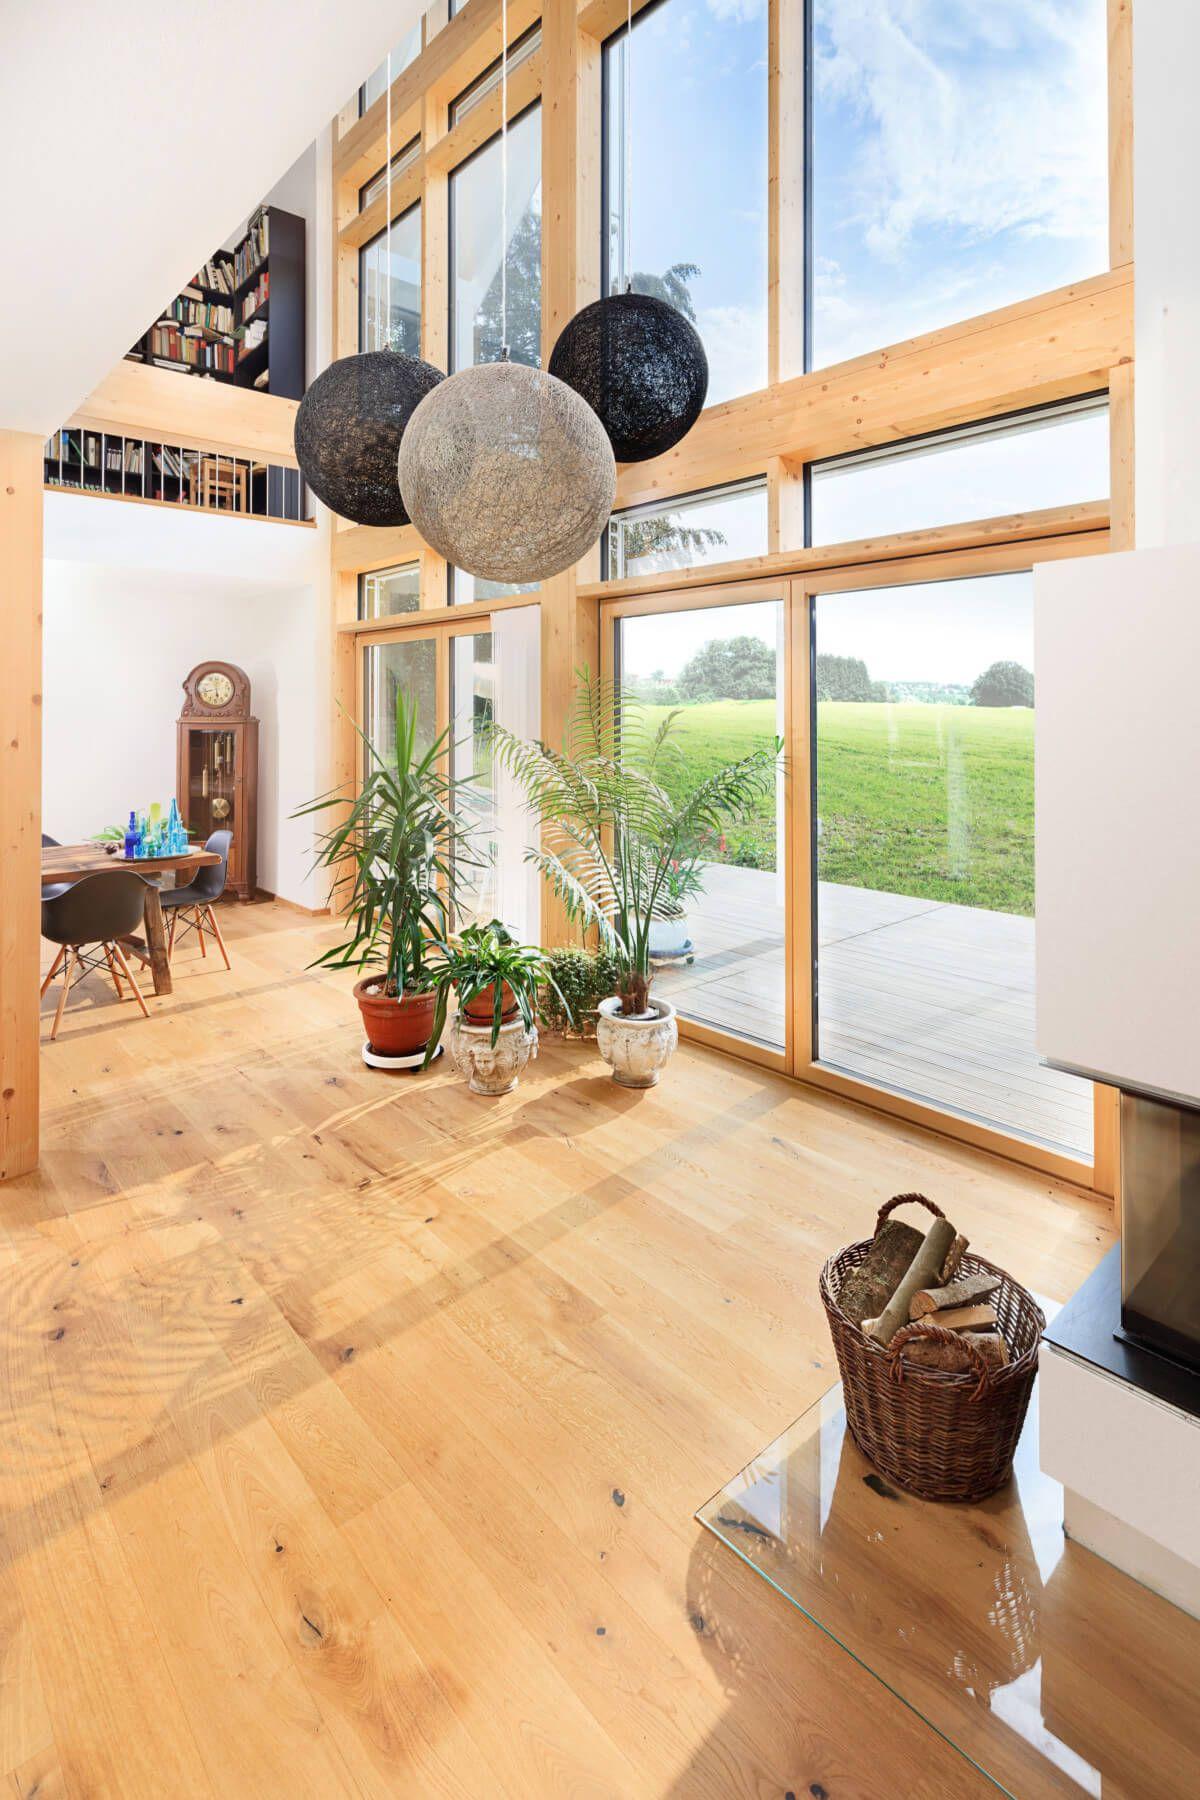 Wohnzimmer mit Galerie - Wohnideen Inneneinrichtung ...